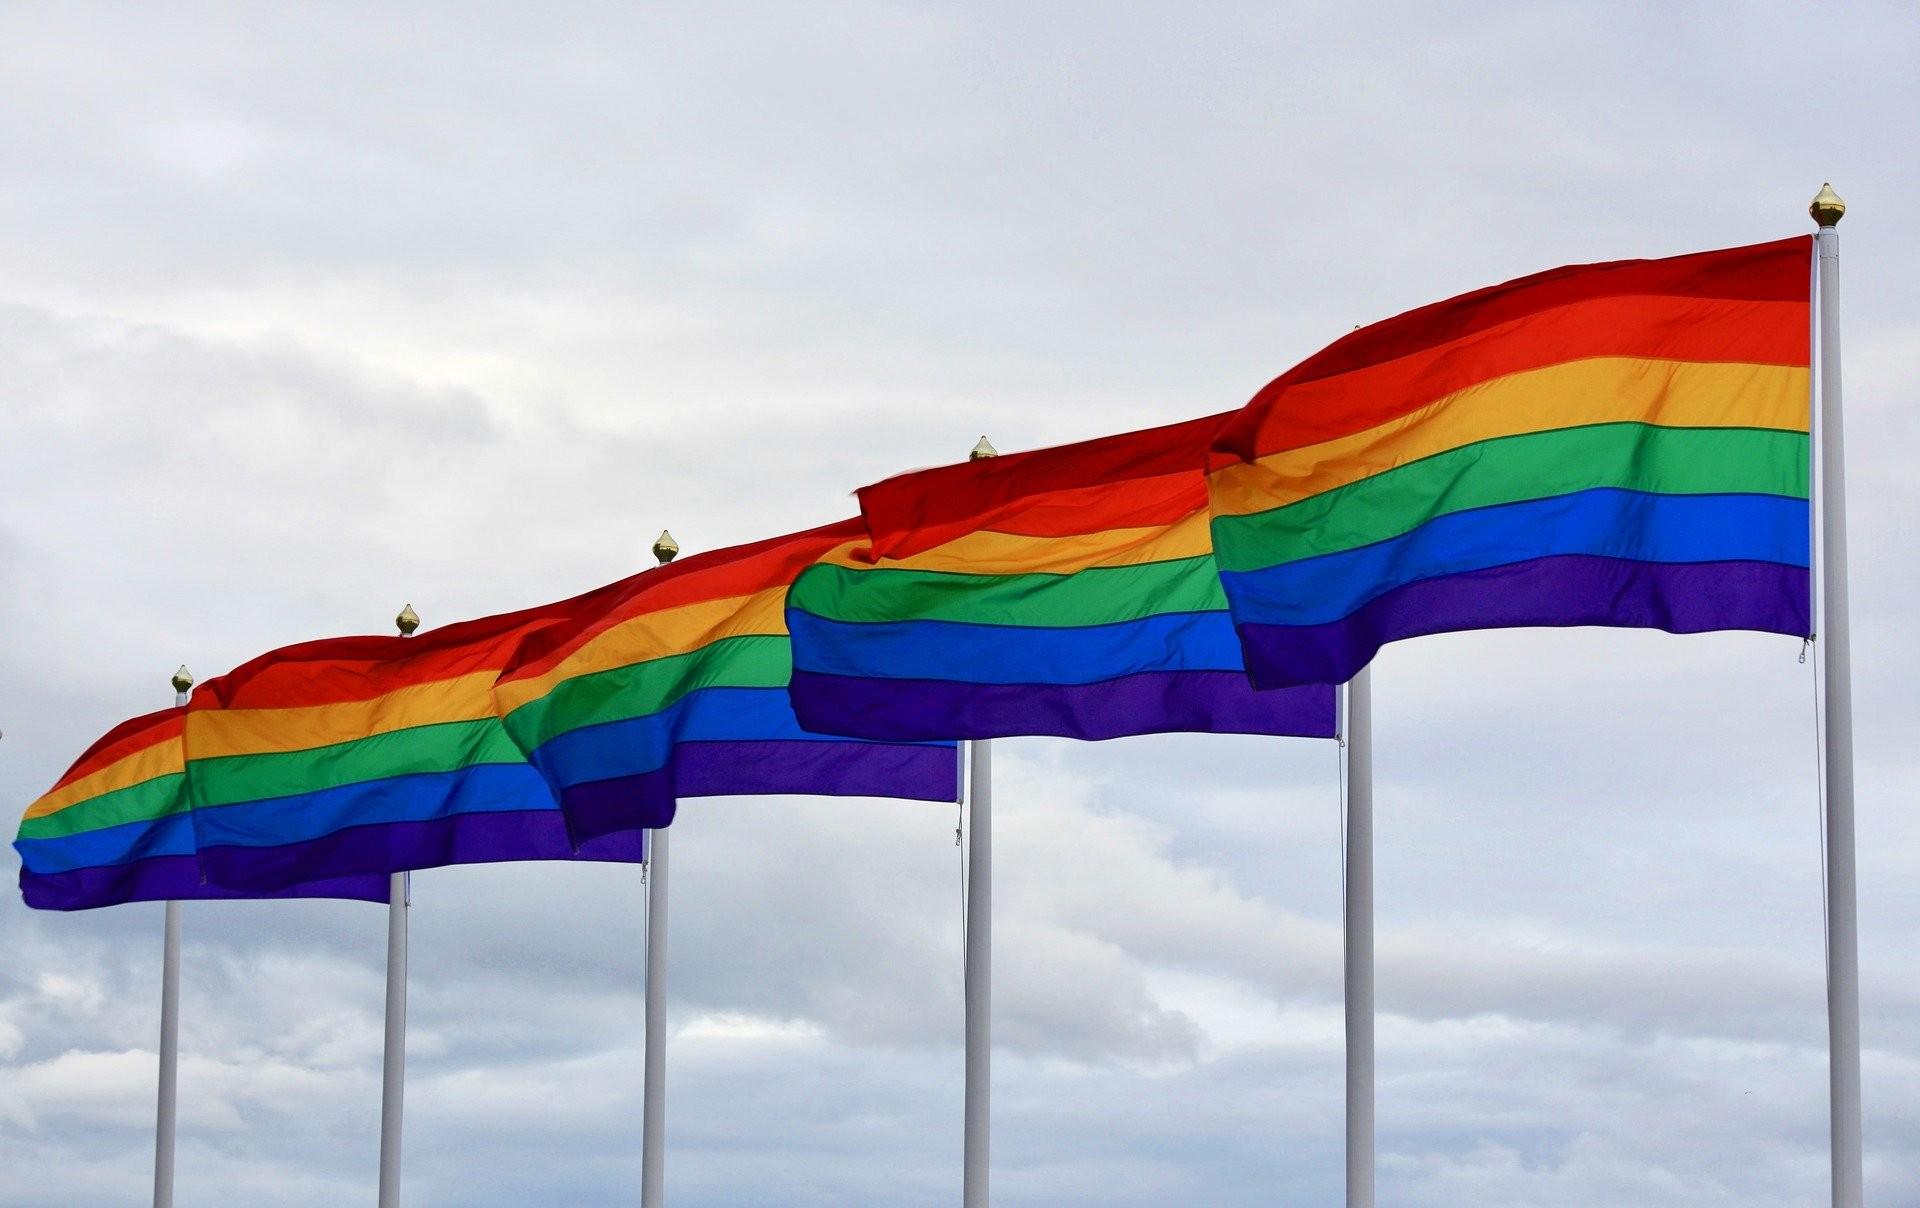 Dia Nacional do Orgulho LGBTI: Data Celebra a luta por respeito e direitos iguais